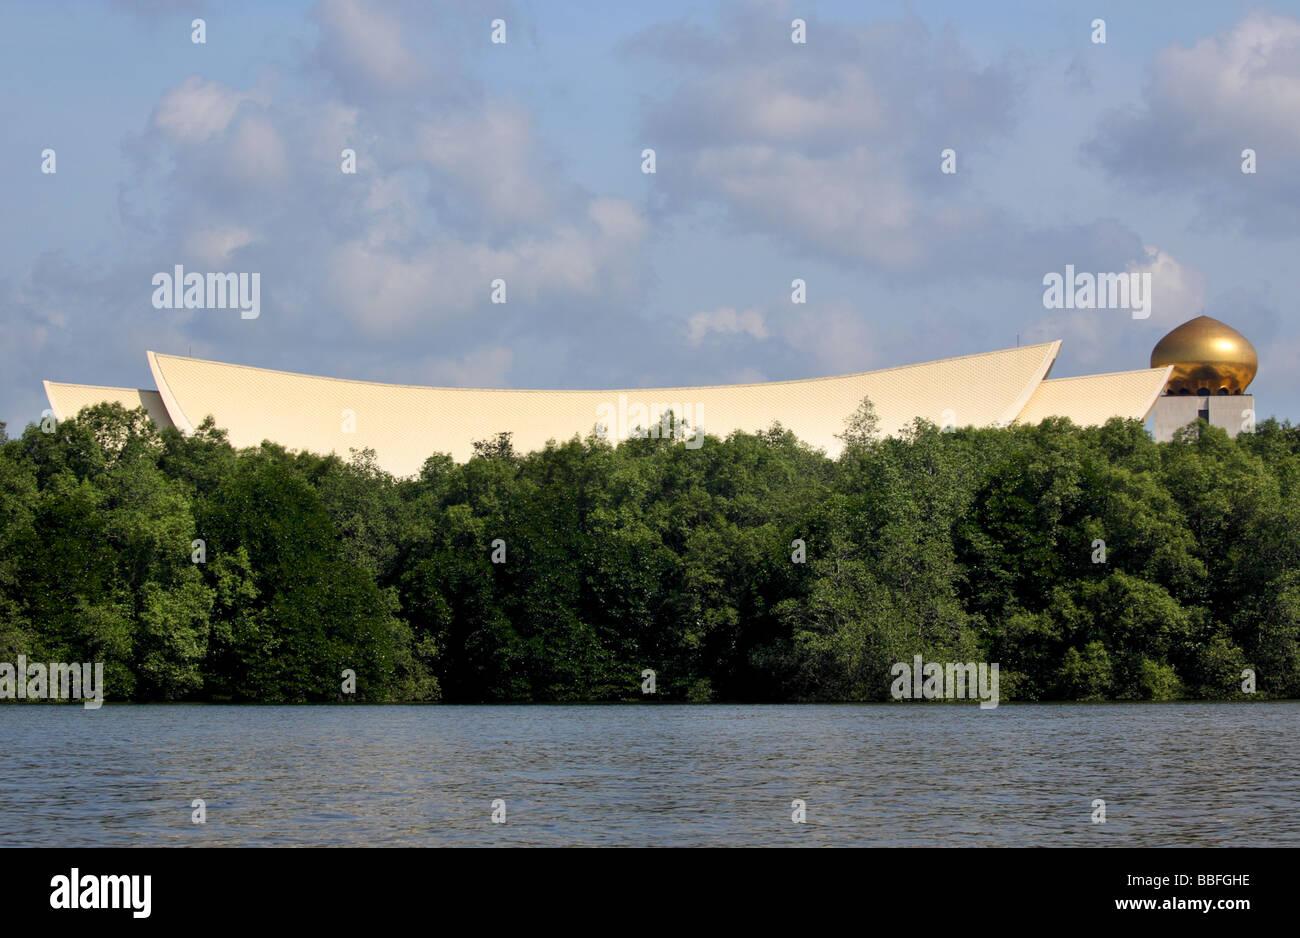 Il sultano del Brunei's Palace dal fiume per le mangrovie Bandar Seri Begawan Immagini Stock